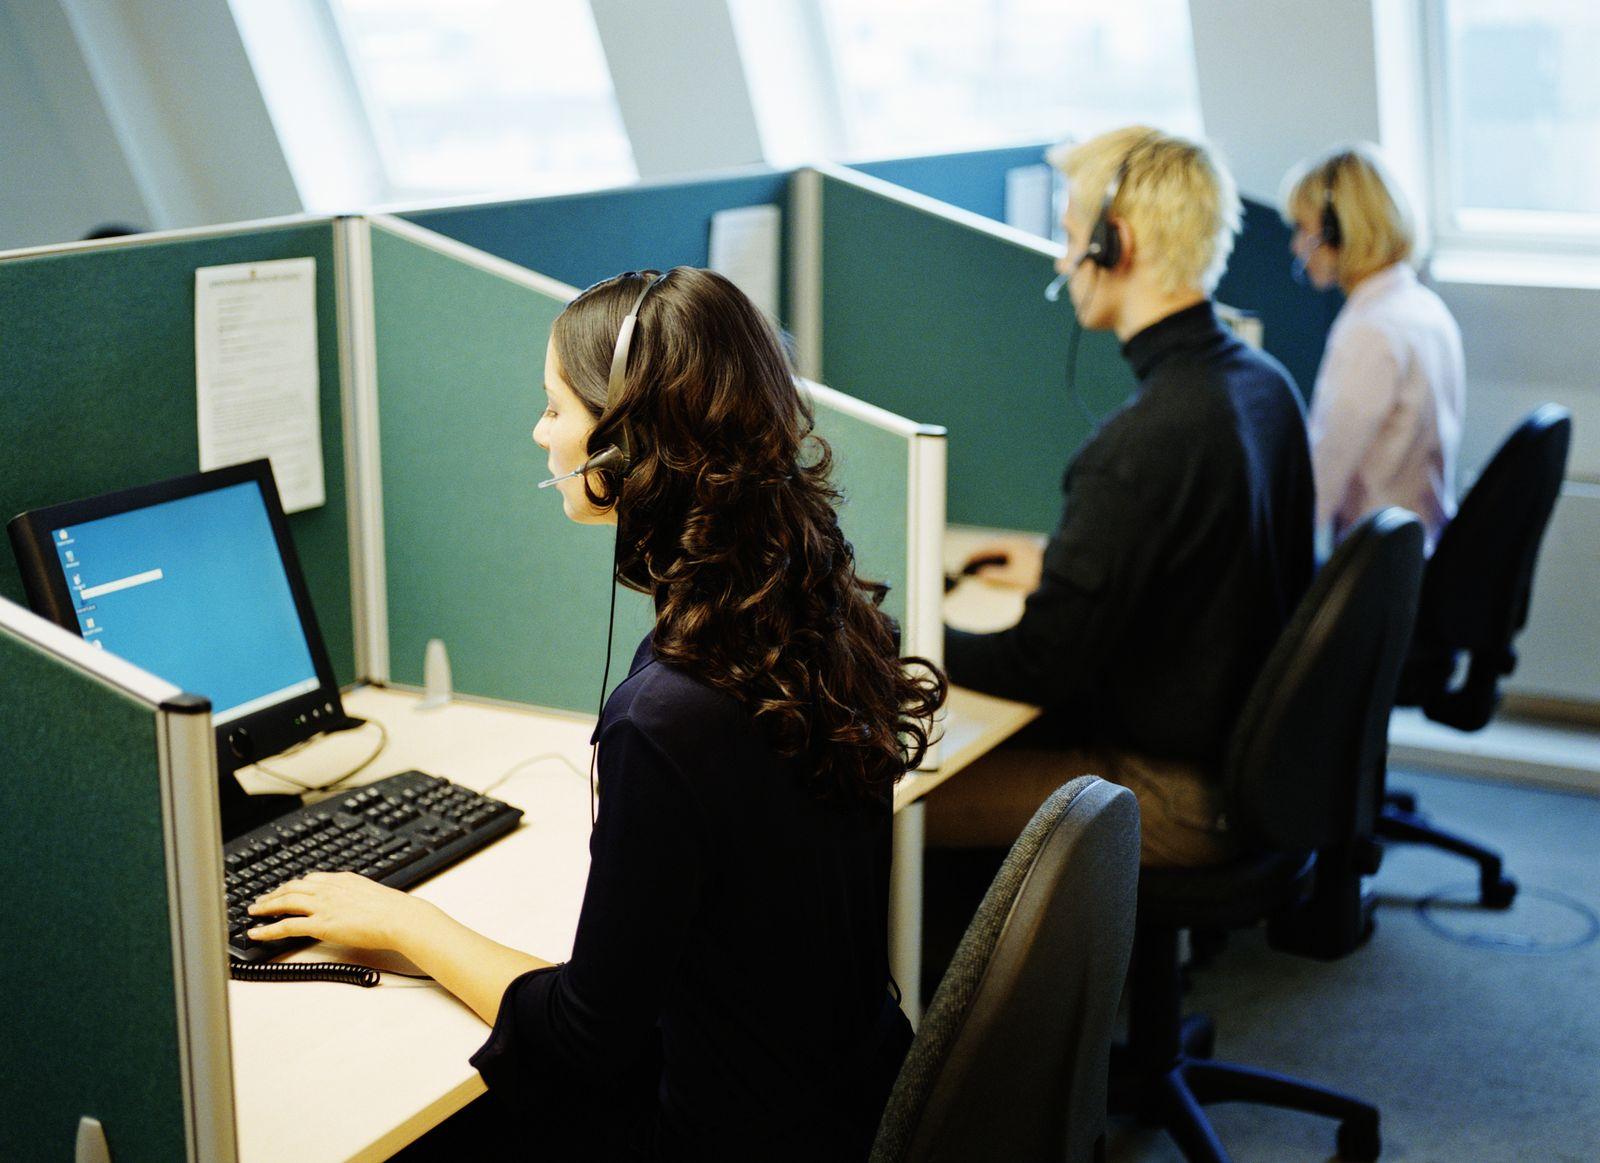 NICHT MEHR VERWENDEN! - Großraumbüro / Kollegen / Büroarbeit / Callcenter / Telefonieren